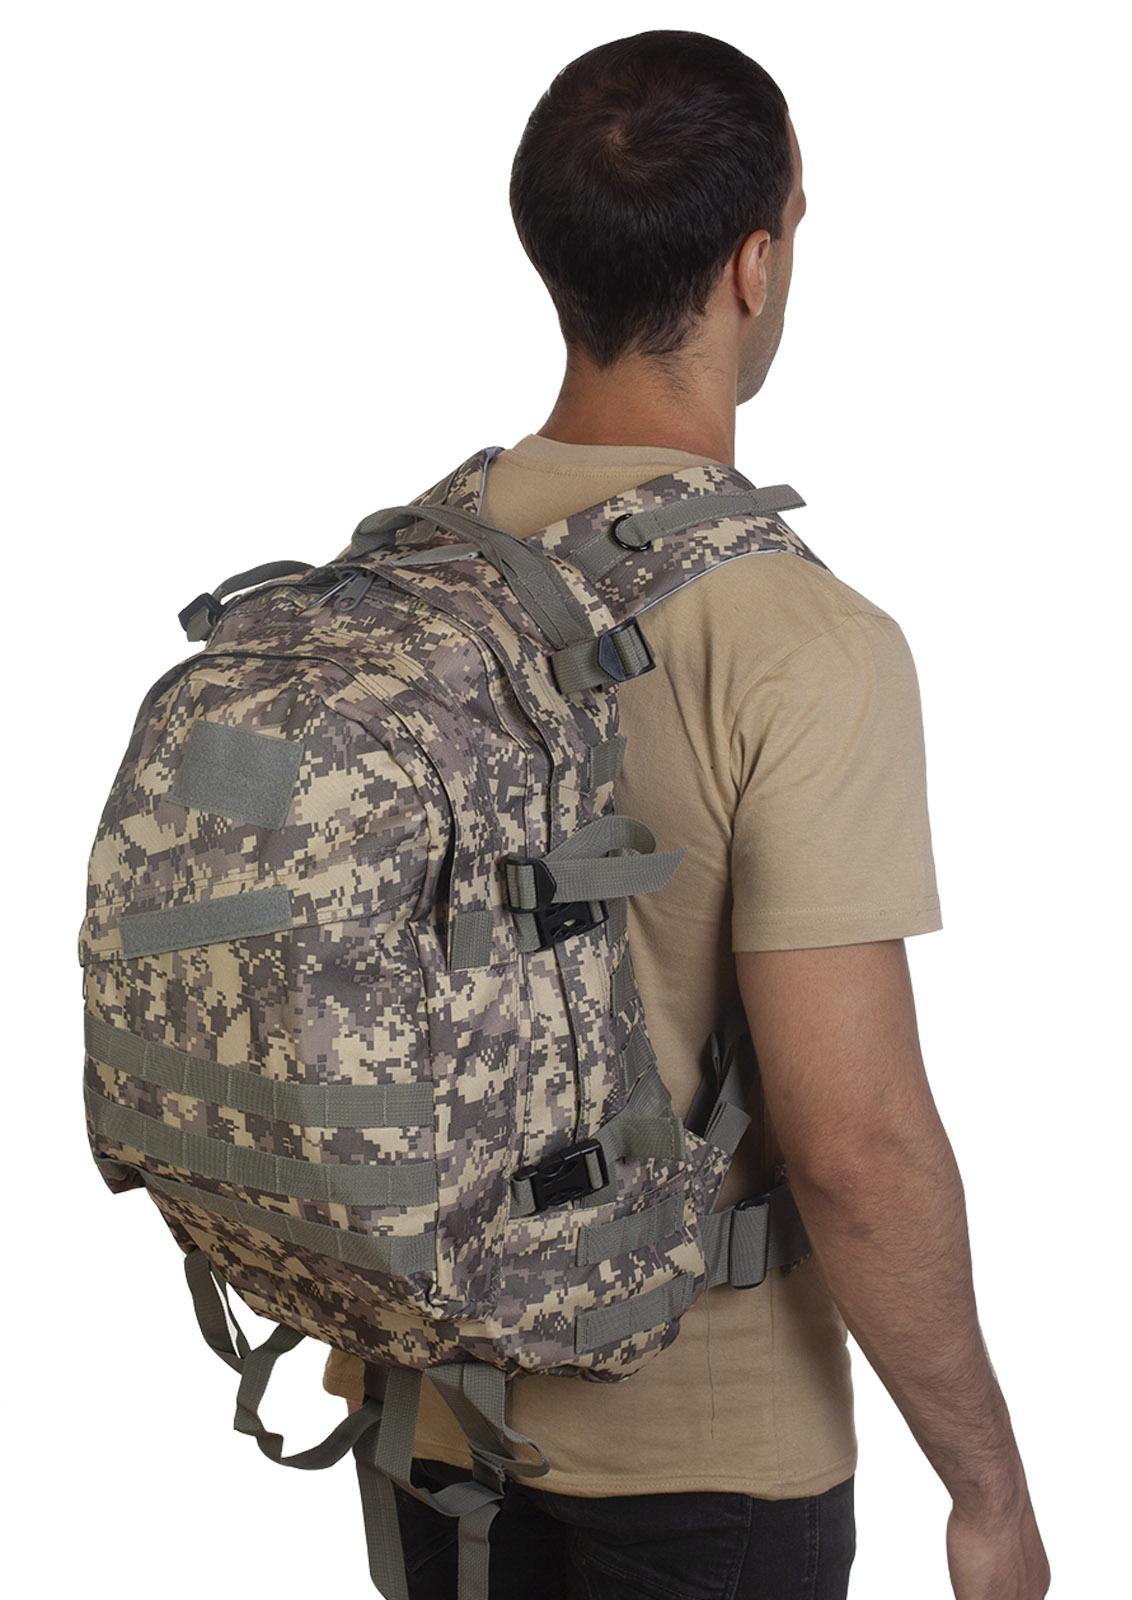 Лучший рюкзак для мужчин-любителей активного отдыха (камуфляж ACU) только в Военпро